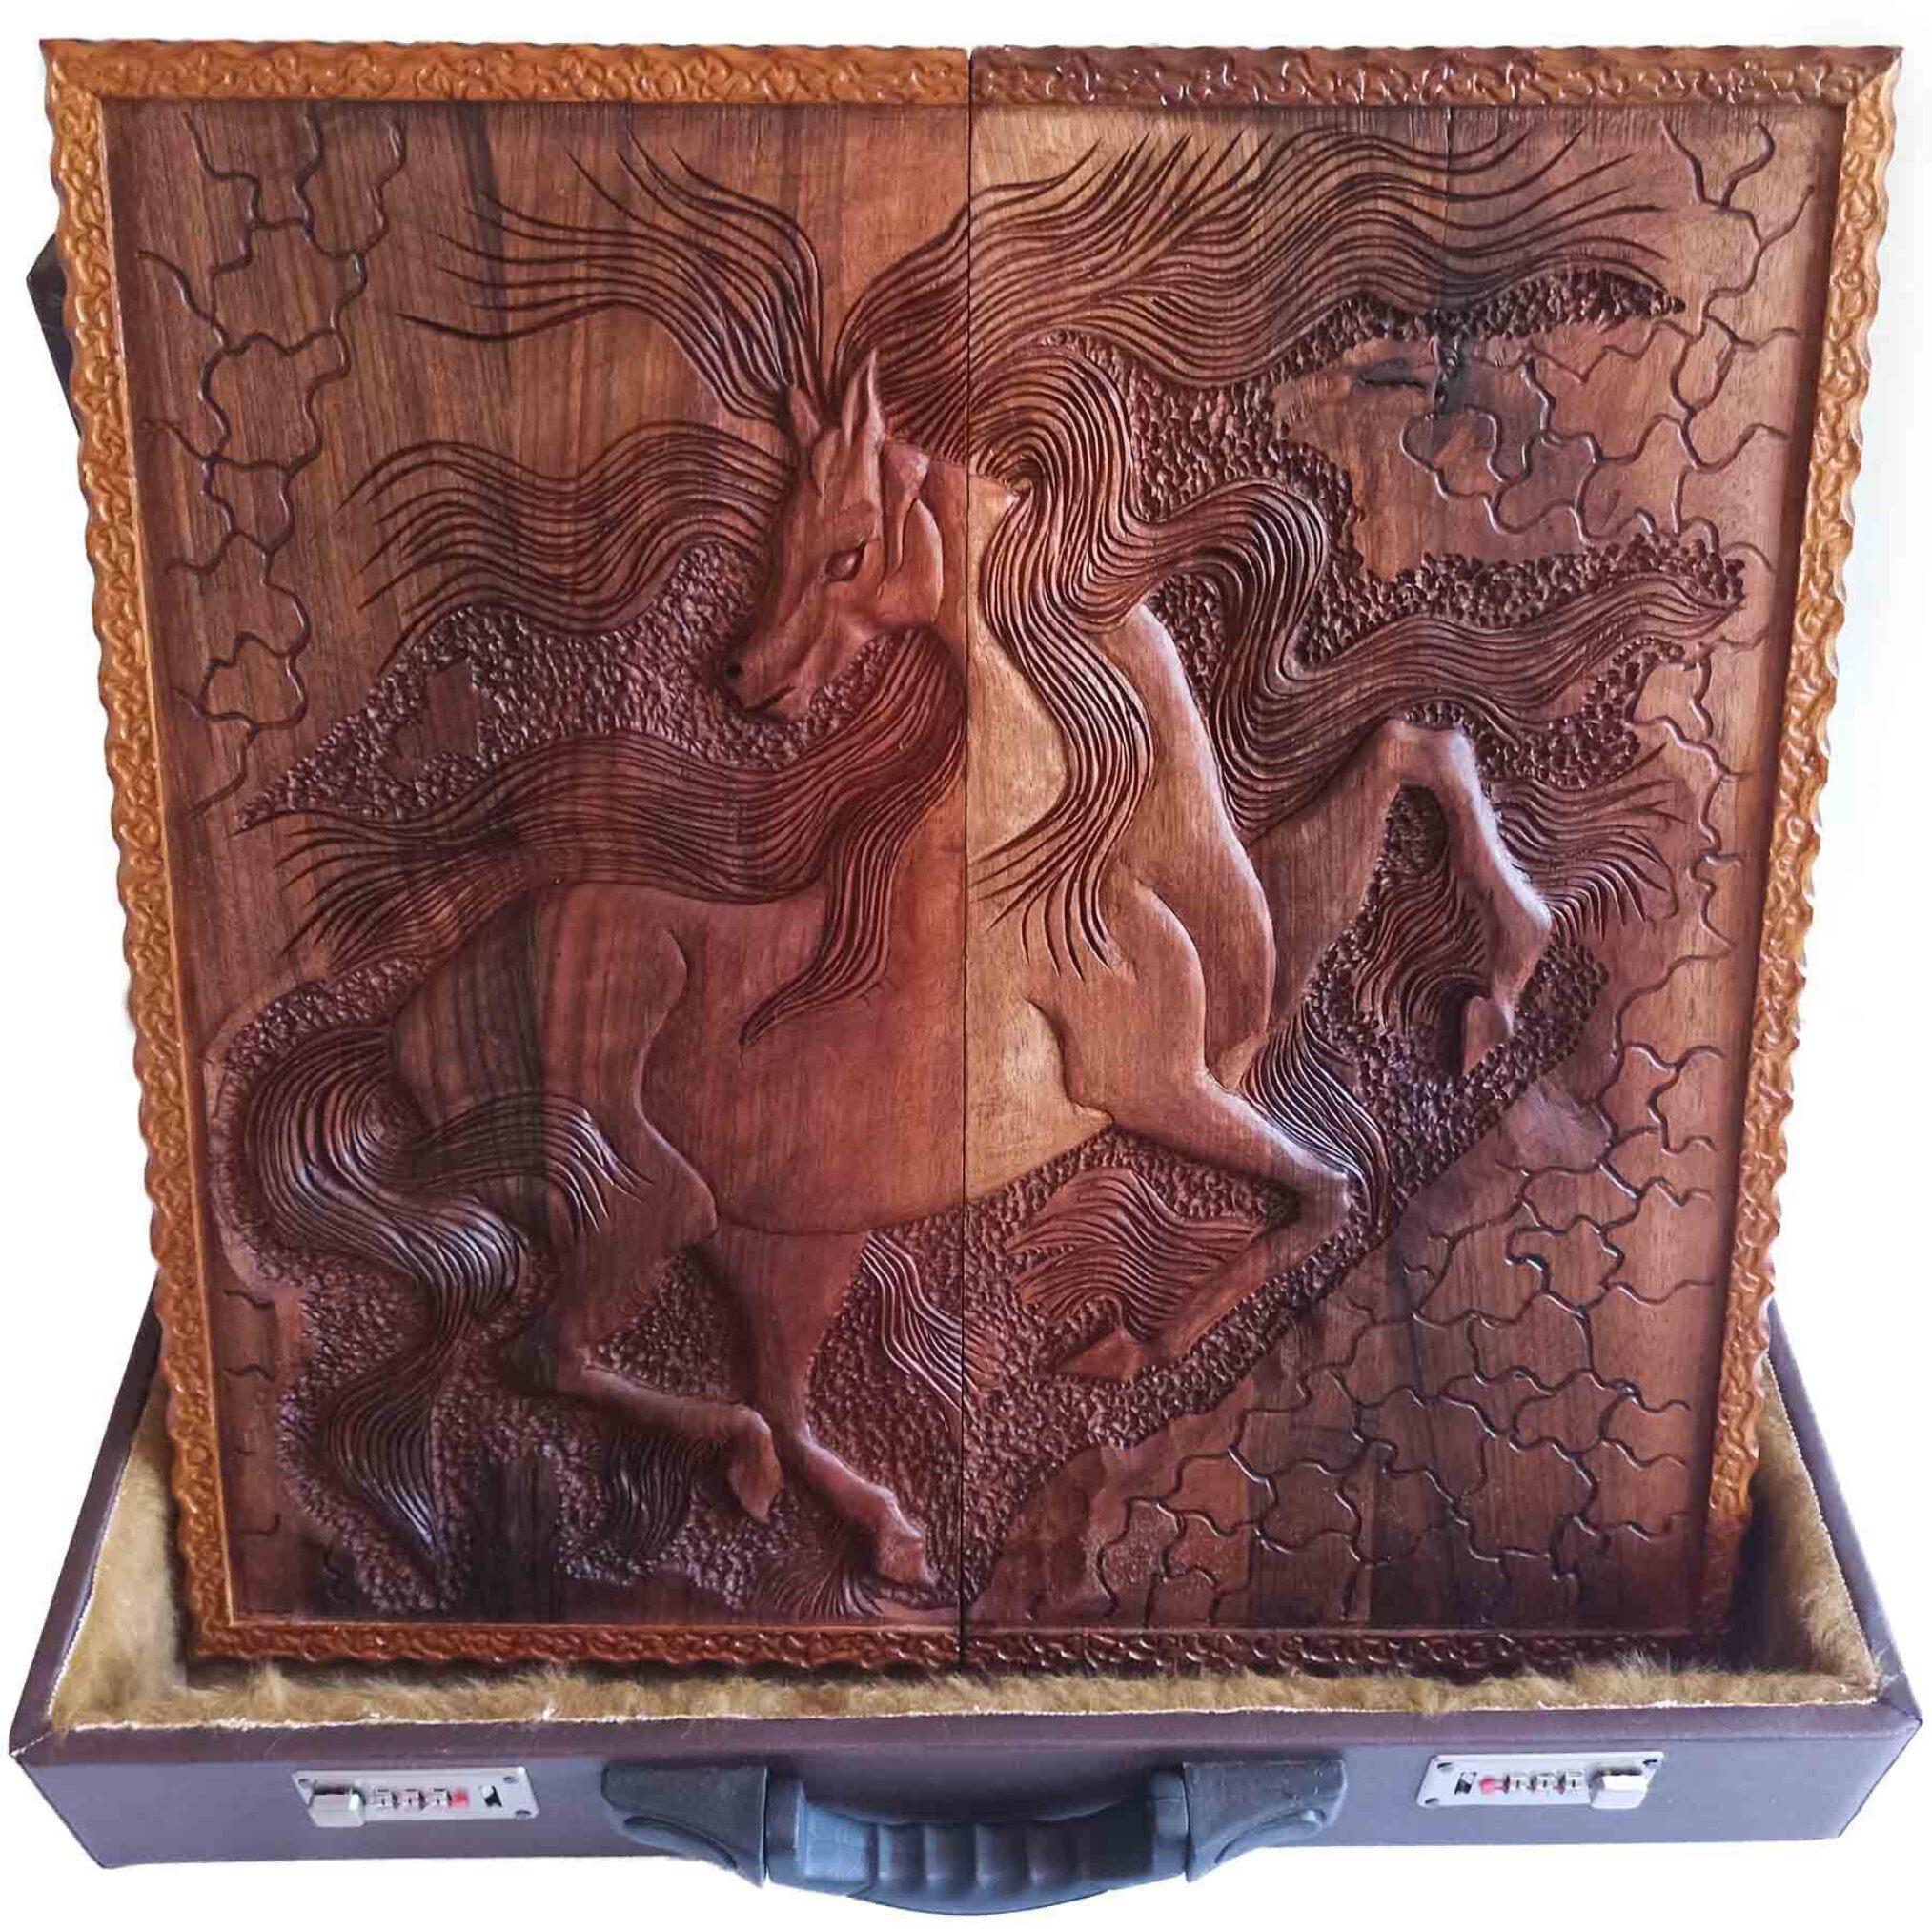 تخته نرد منبت کاری طرح اسب مینیاتوری، تخته نرد کادویی و تخته نرد نفیس، ساخته شده از چوب گردو